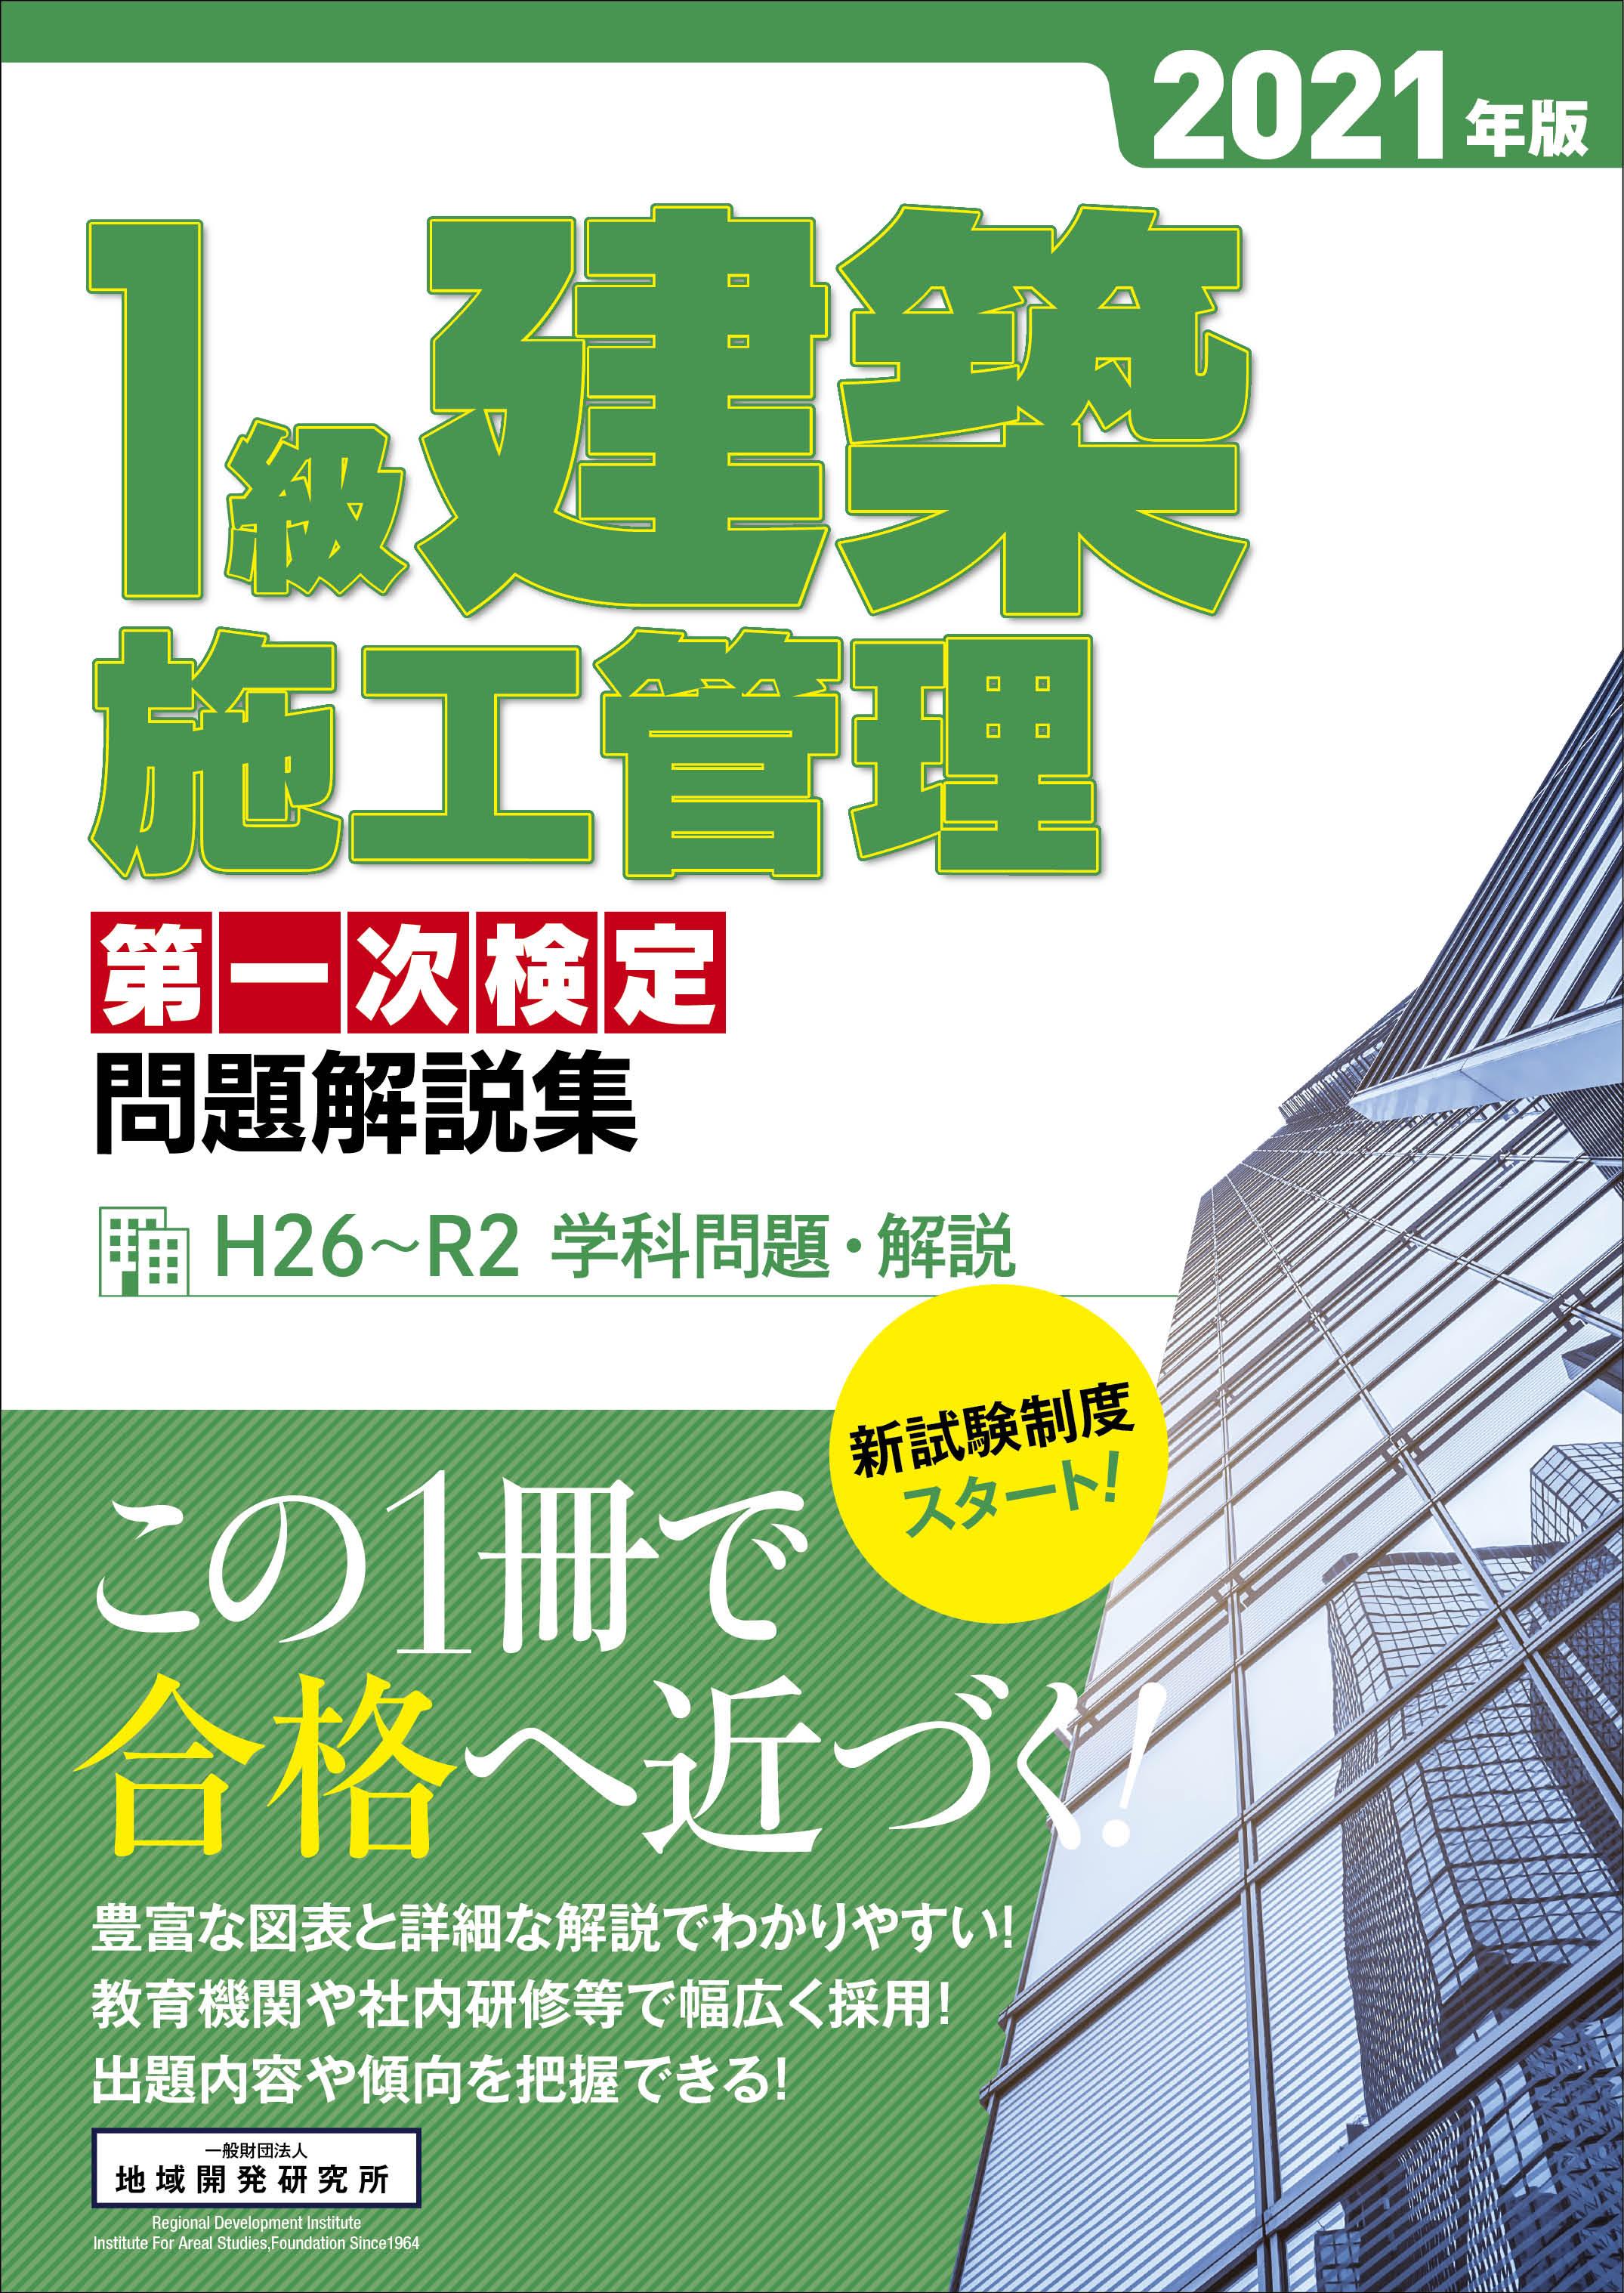 1級建築施工管理 第一次検定 問題解説集 2021年版